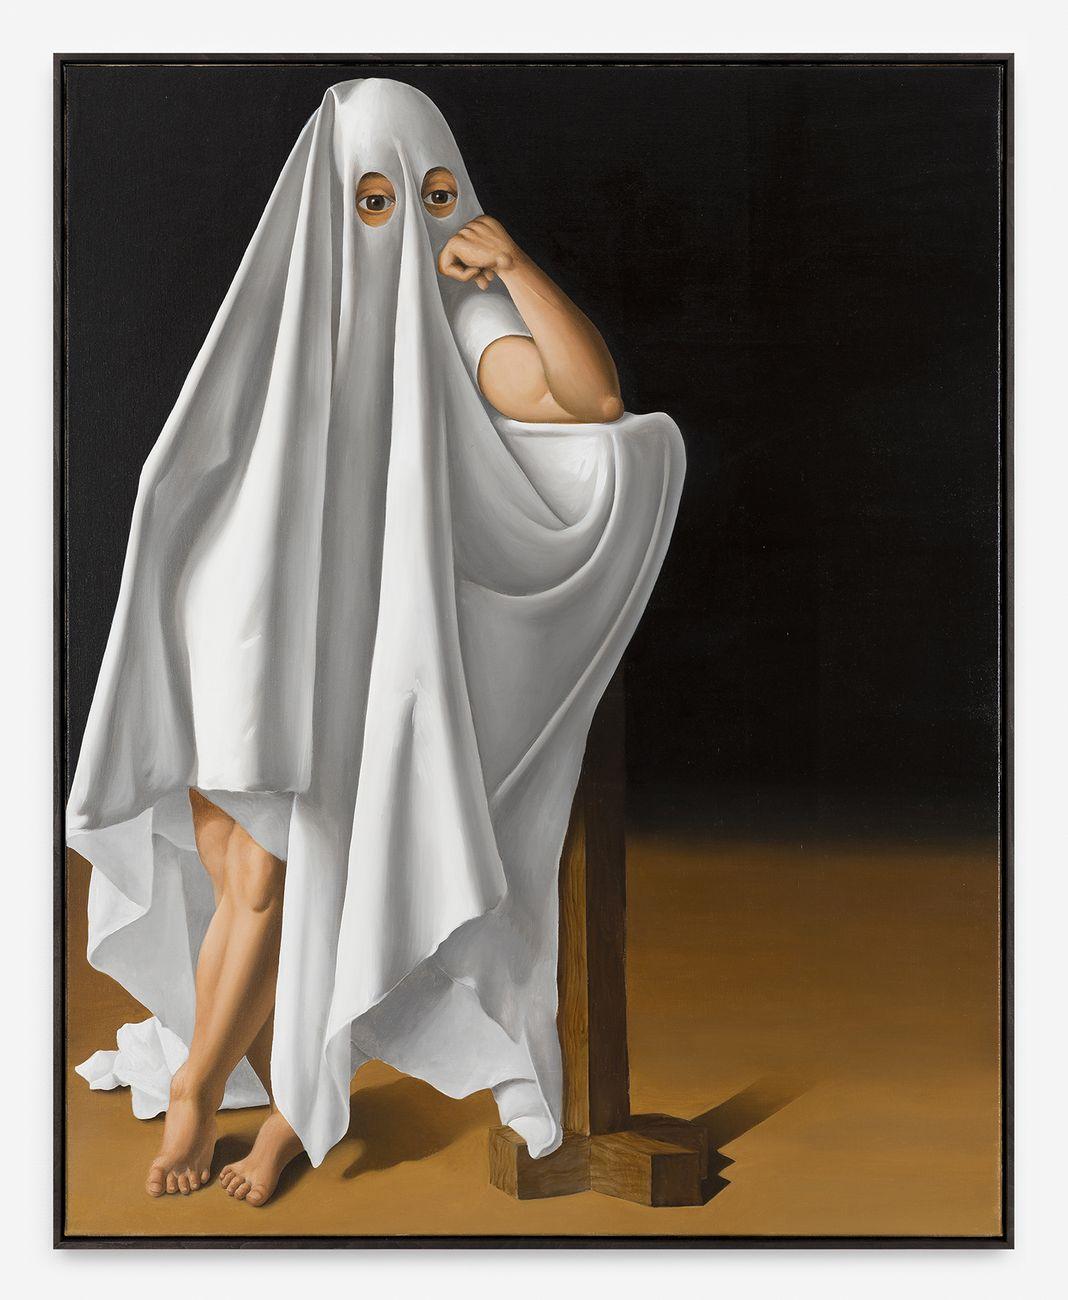 Patrizio Di Massimo, Self portrait as a ghost, 2017. Courtesy the Artist & T293, Roma. Photo Mark Blower